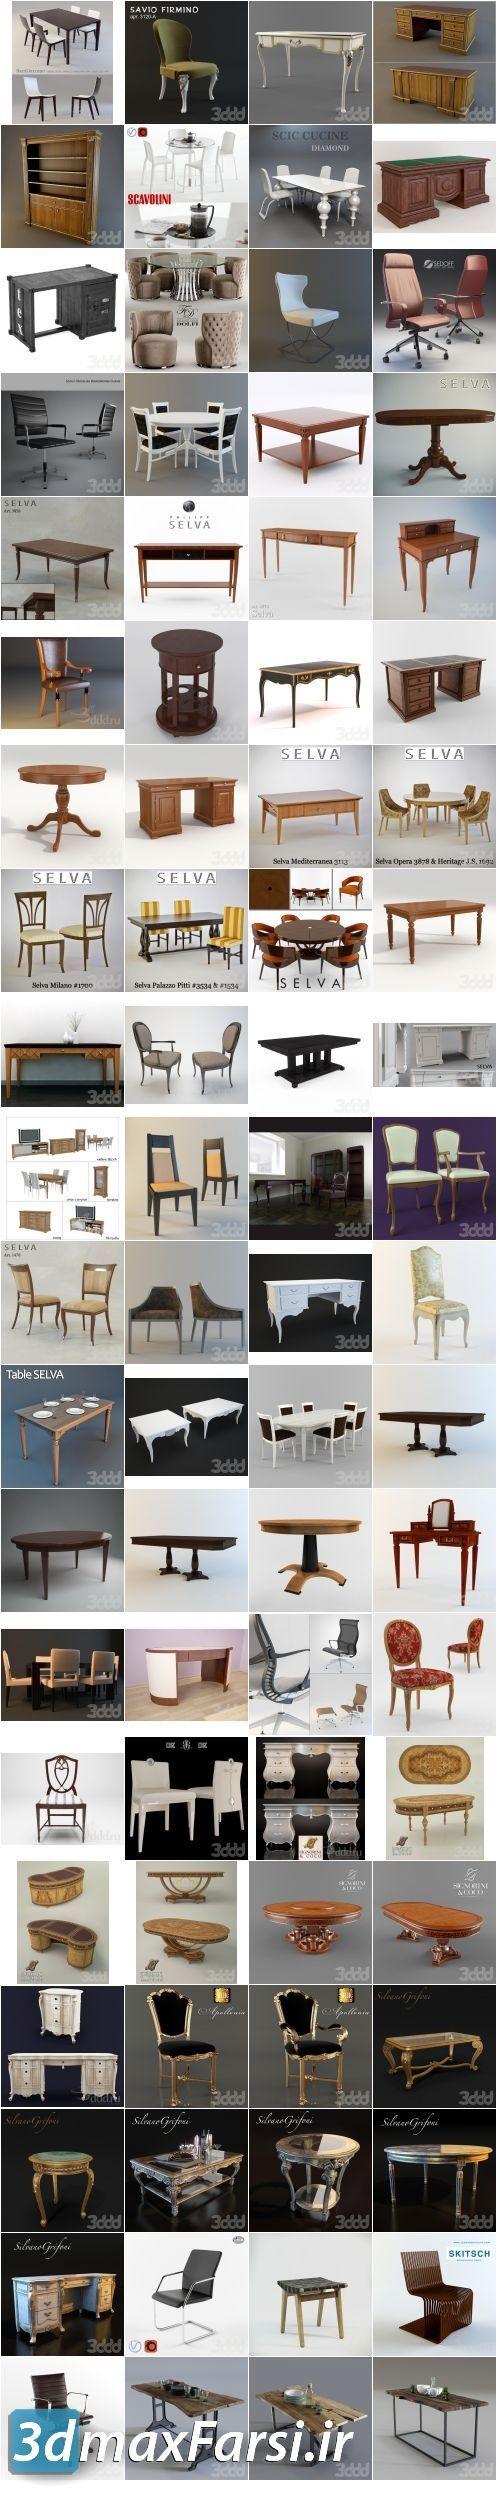 آبجکت میز و صندلی - دانلود مدل سه بعدی میز و صندلی تری دی مکس